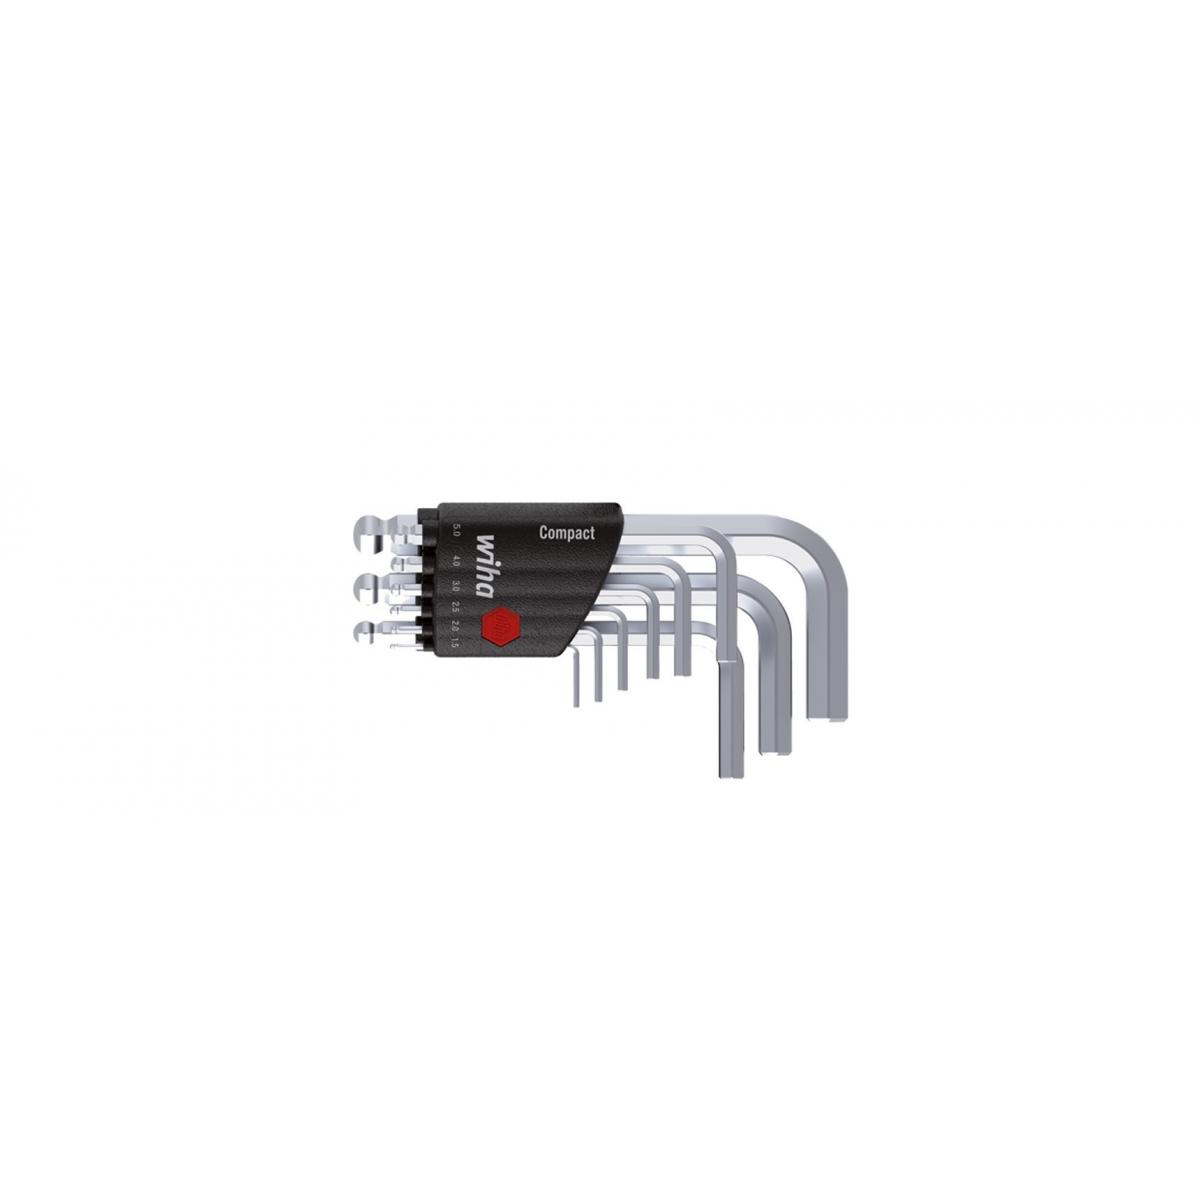 Zestaw kluczy trzpieniowych w uchwycie Compact Wiha - 40411 Zestaw kluczy trzpieniowych w uchwycie Compact Wiha - 40411